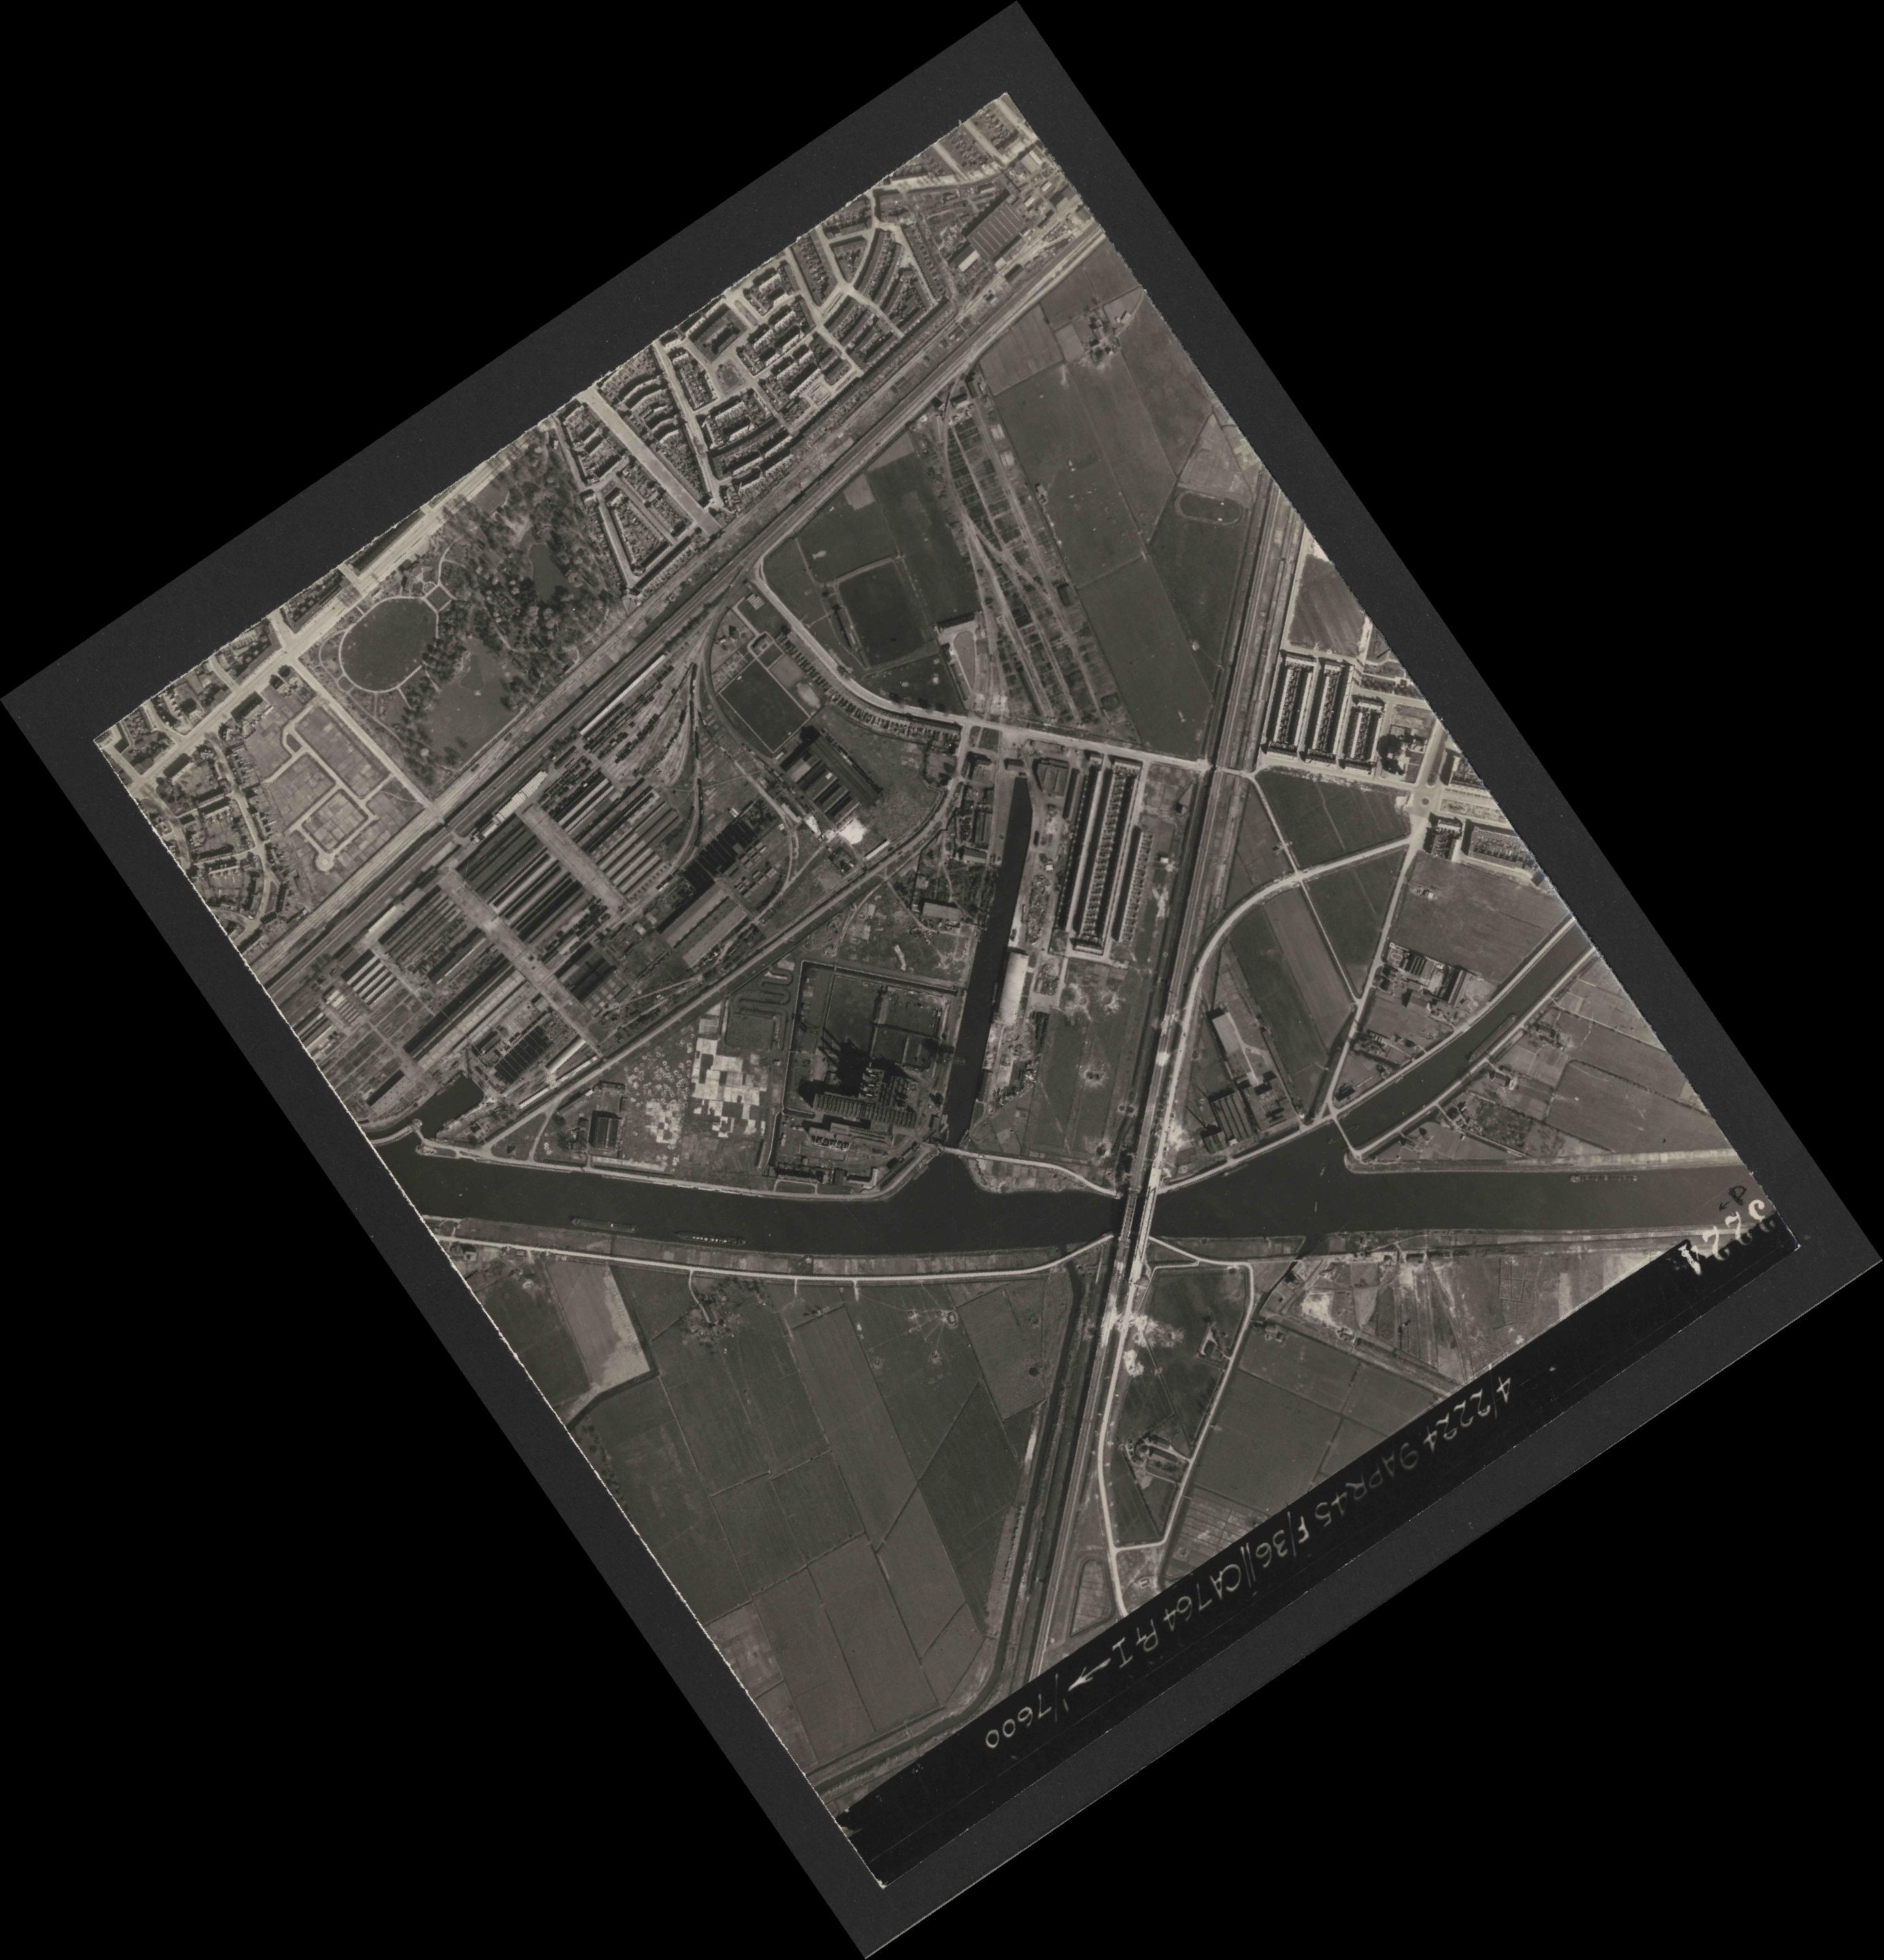 Collection RAF aerial photos 1940-1945 - flight 271, run 13, photo 3224